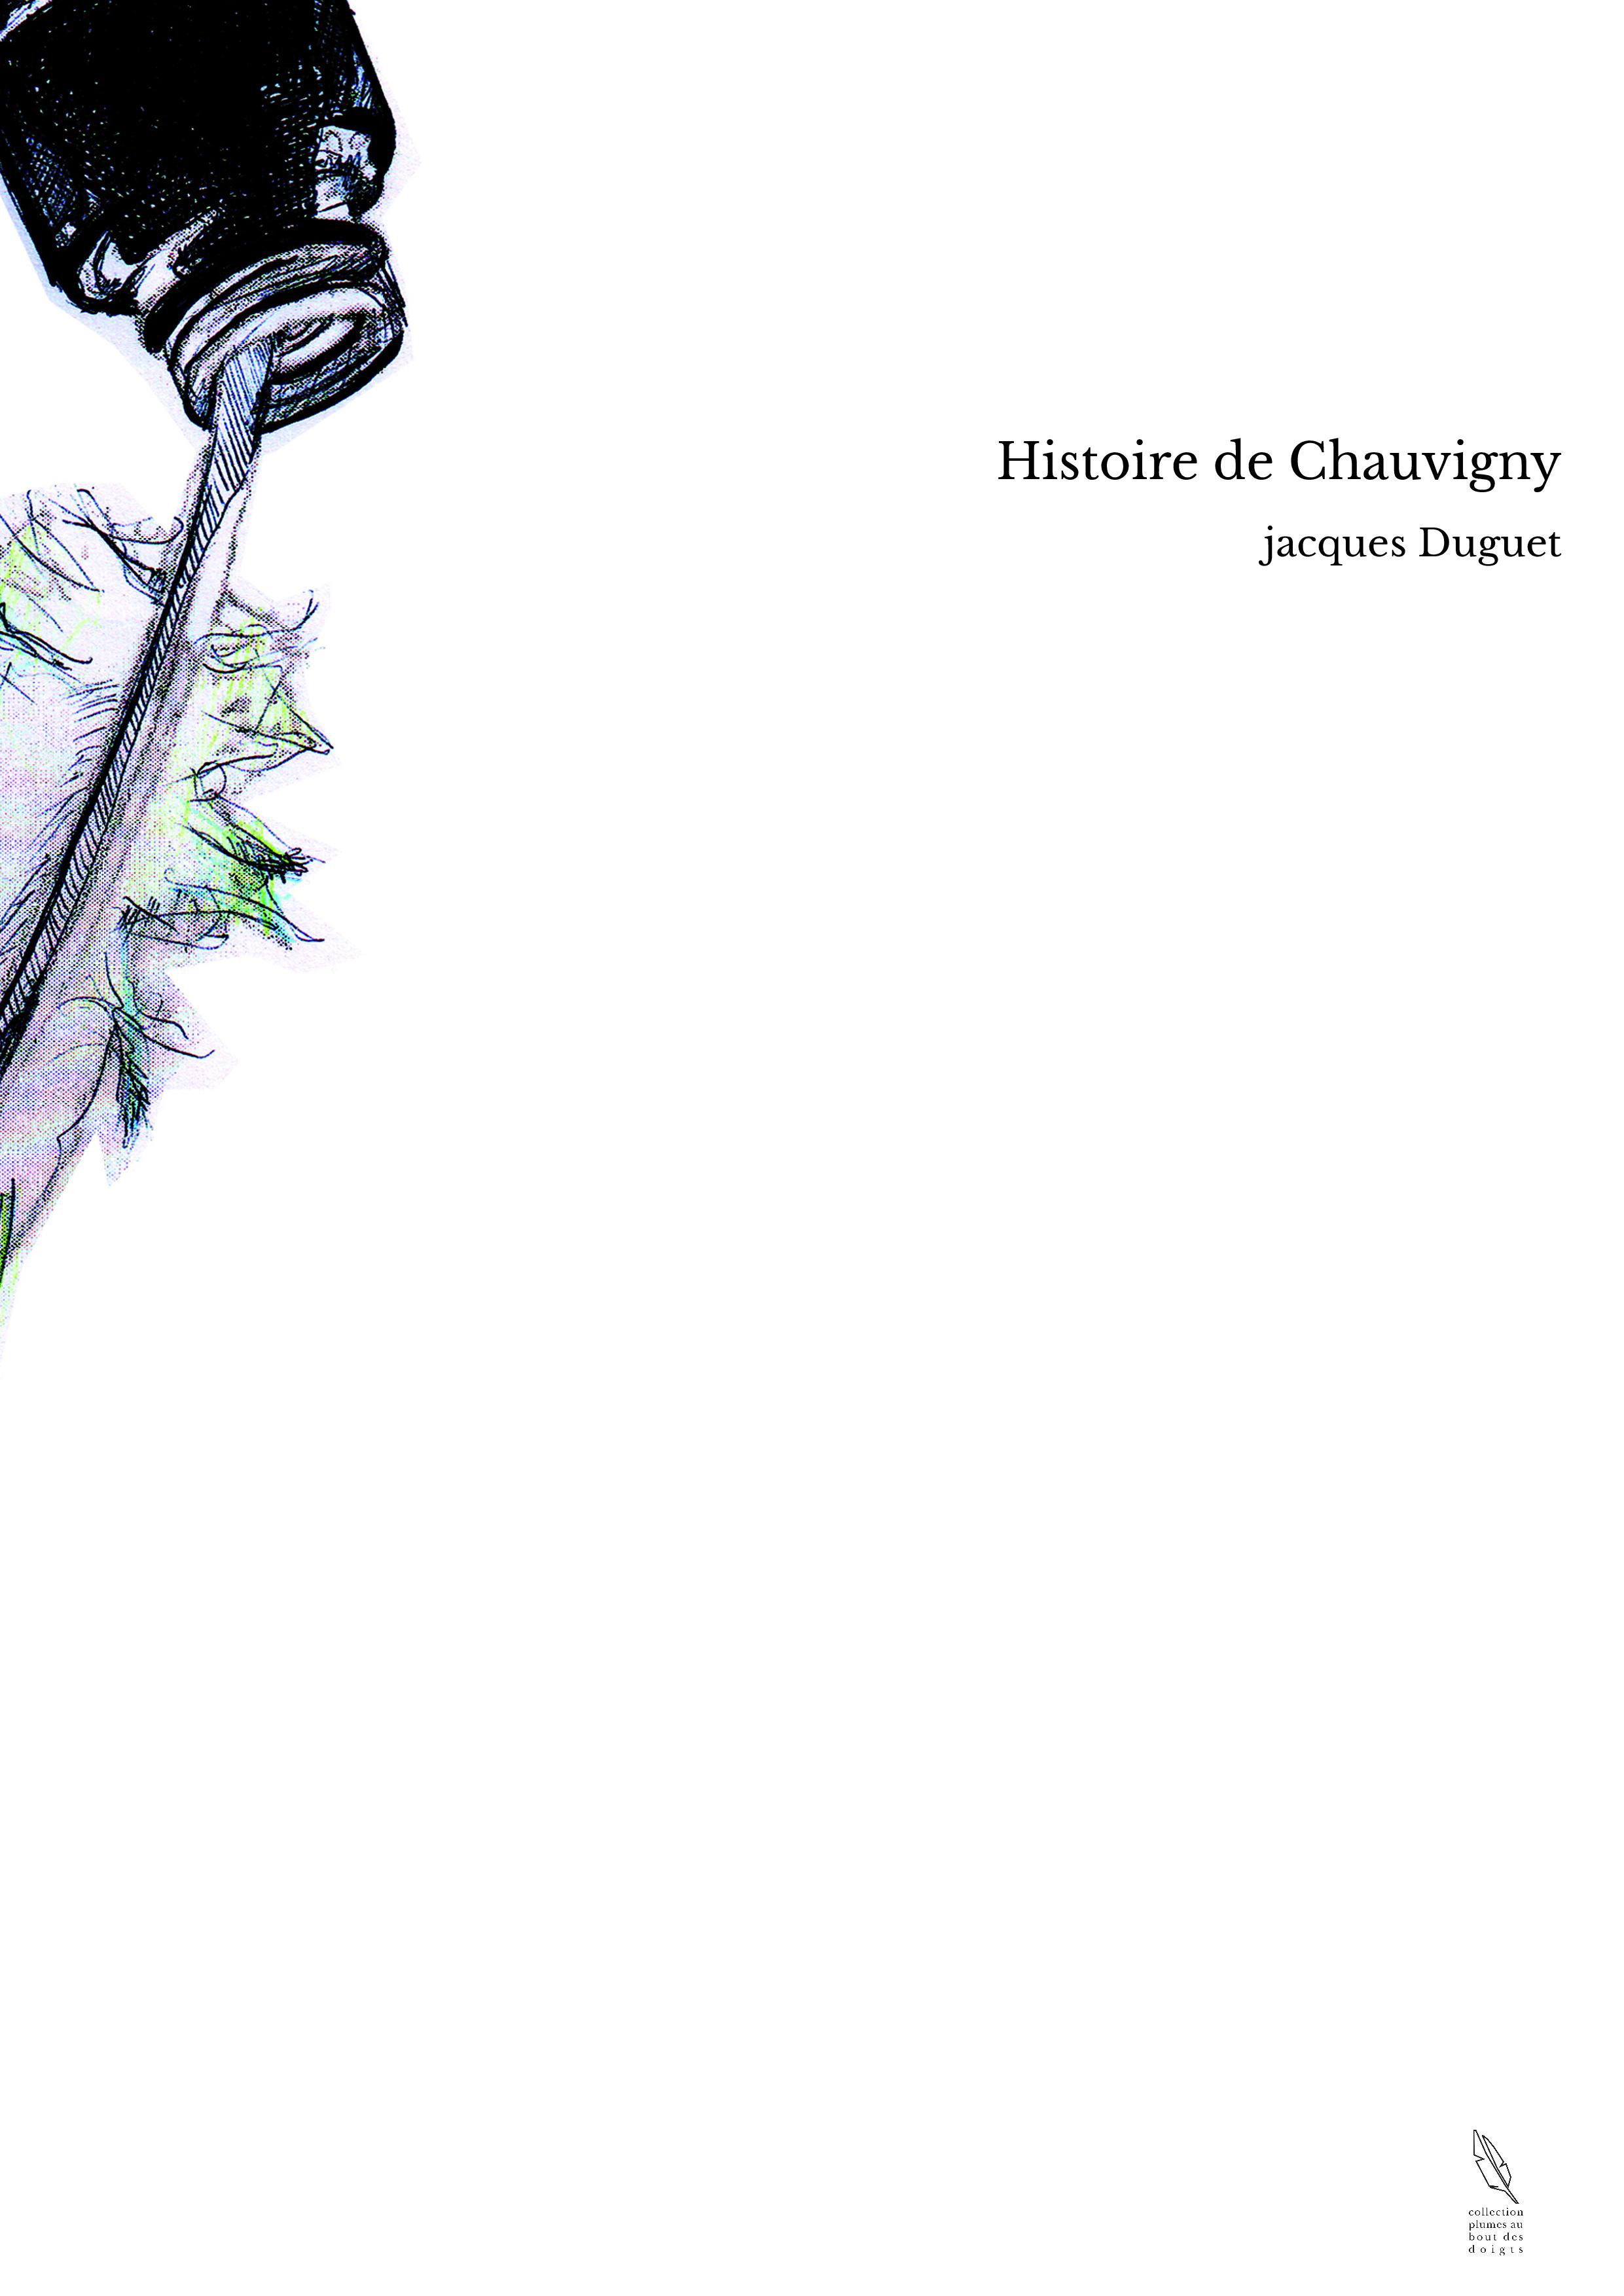 Histoire de Chauvigny